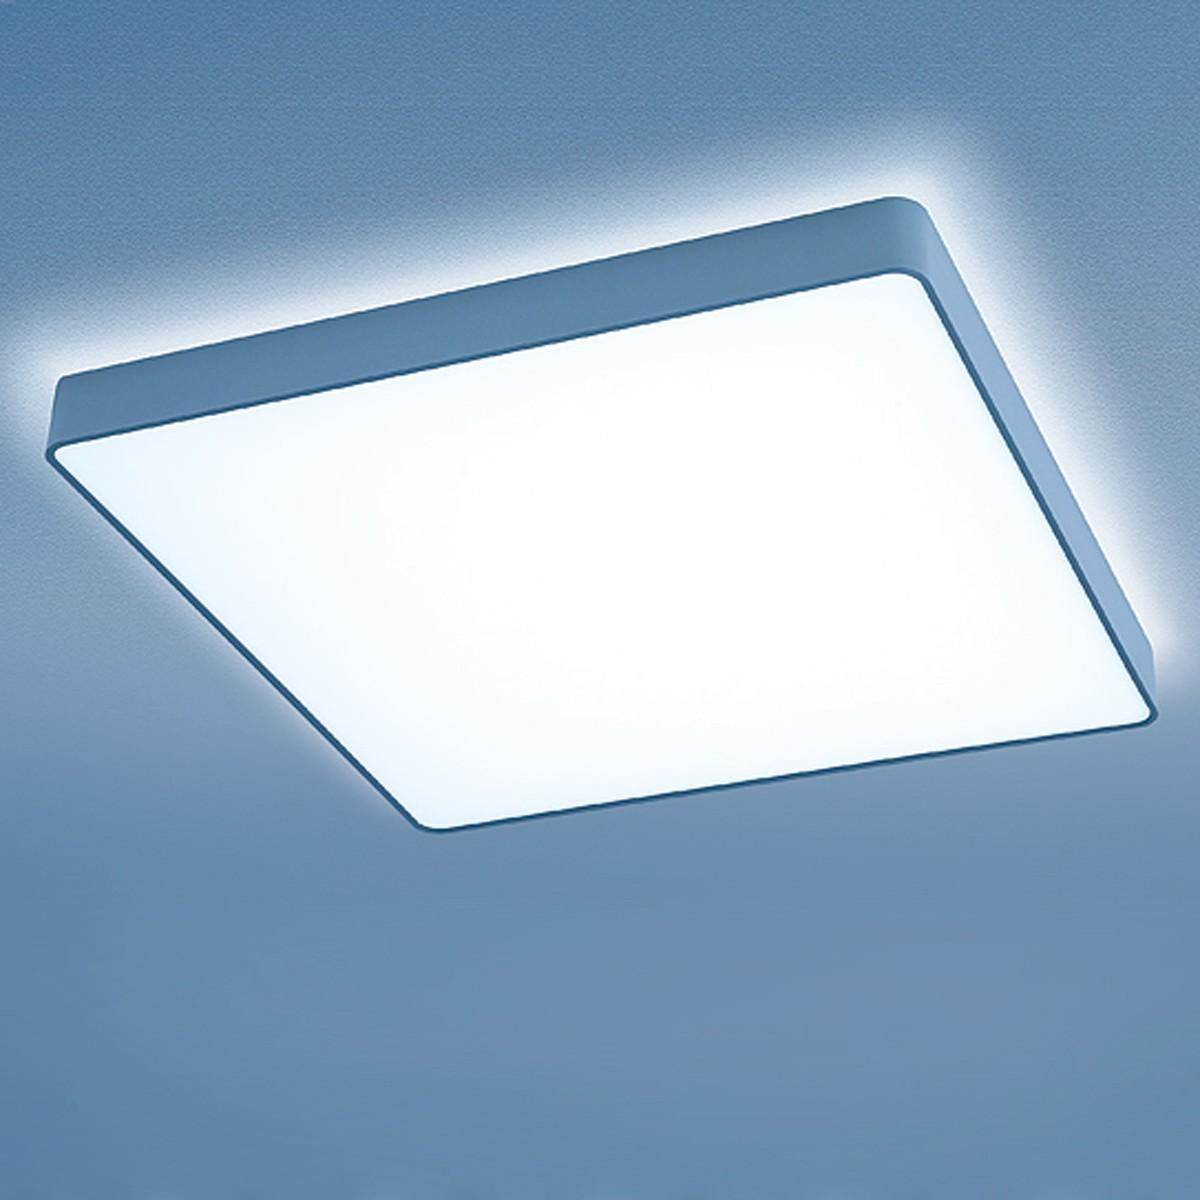 Lightnet Caleo-X2 Wand- / Deckenleuchte, Opal, 33 x 33 cm, Silber matt